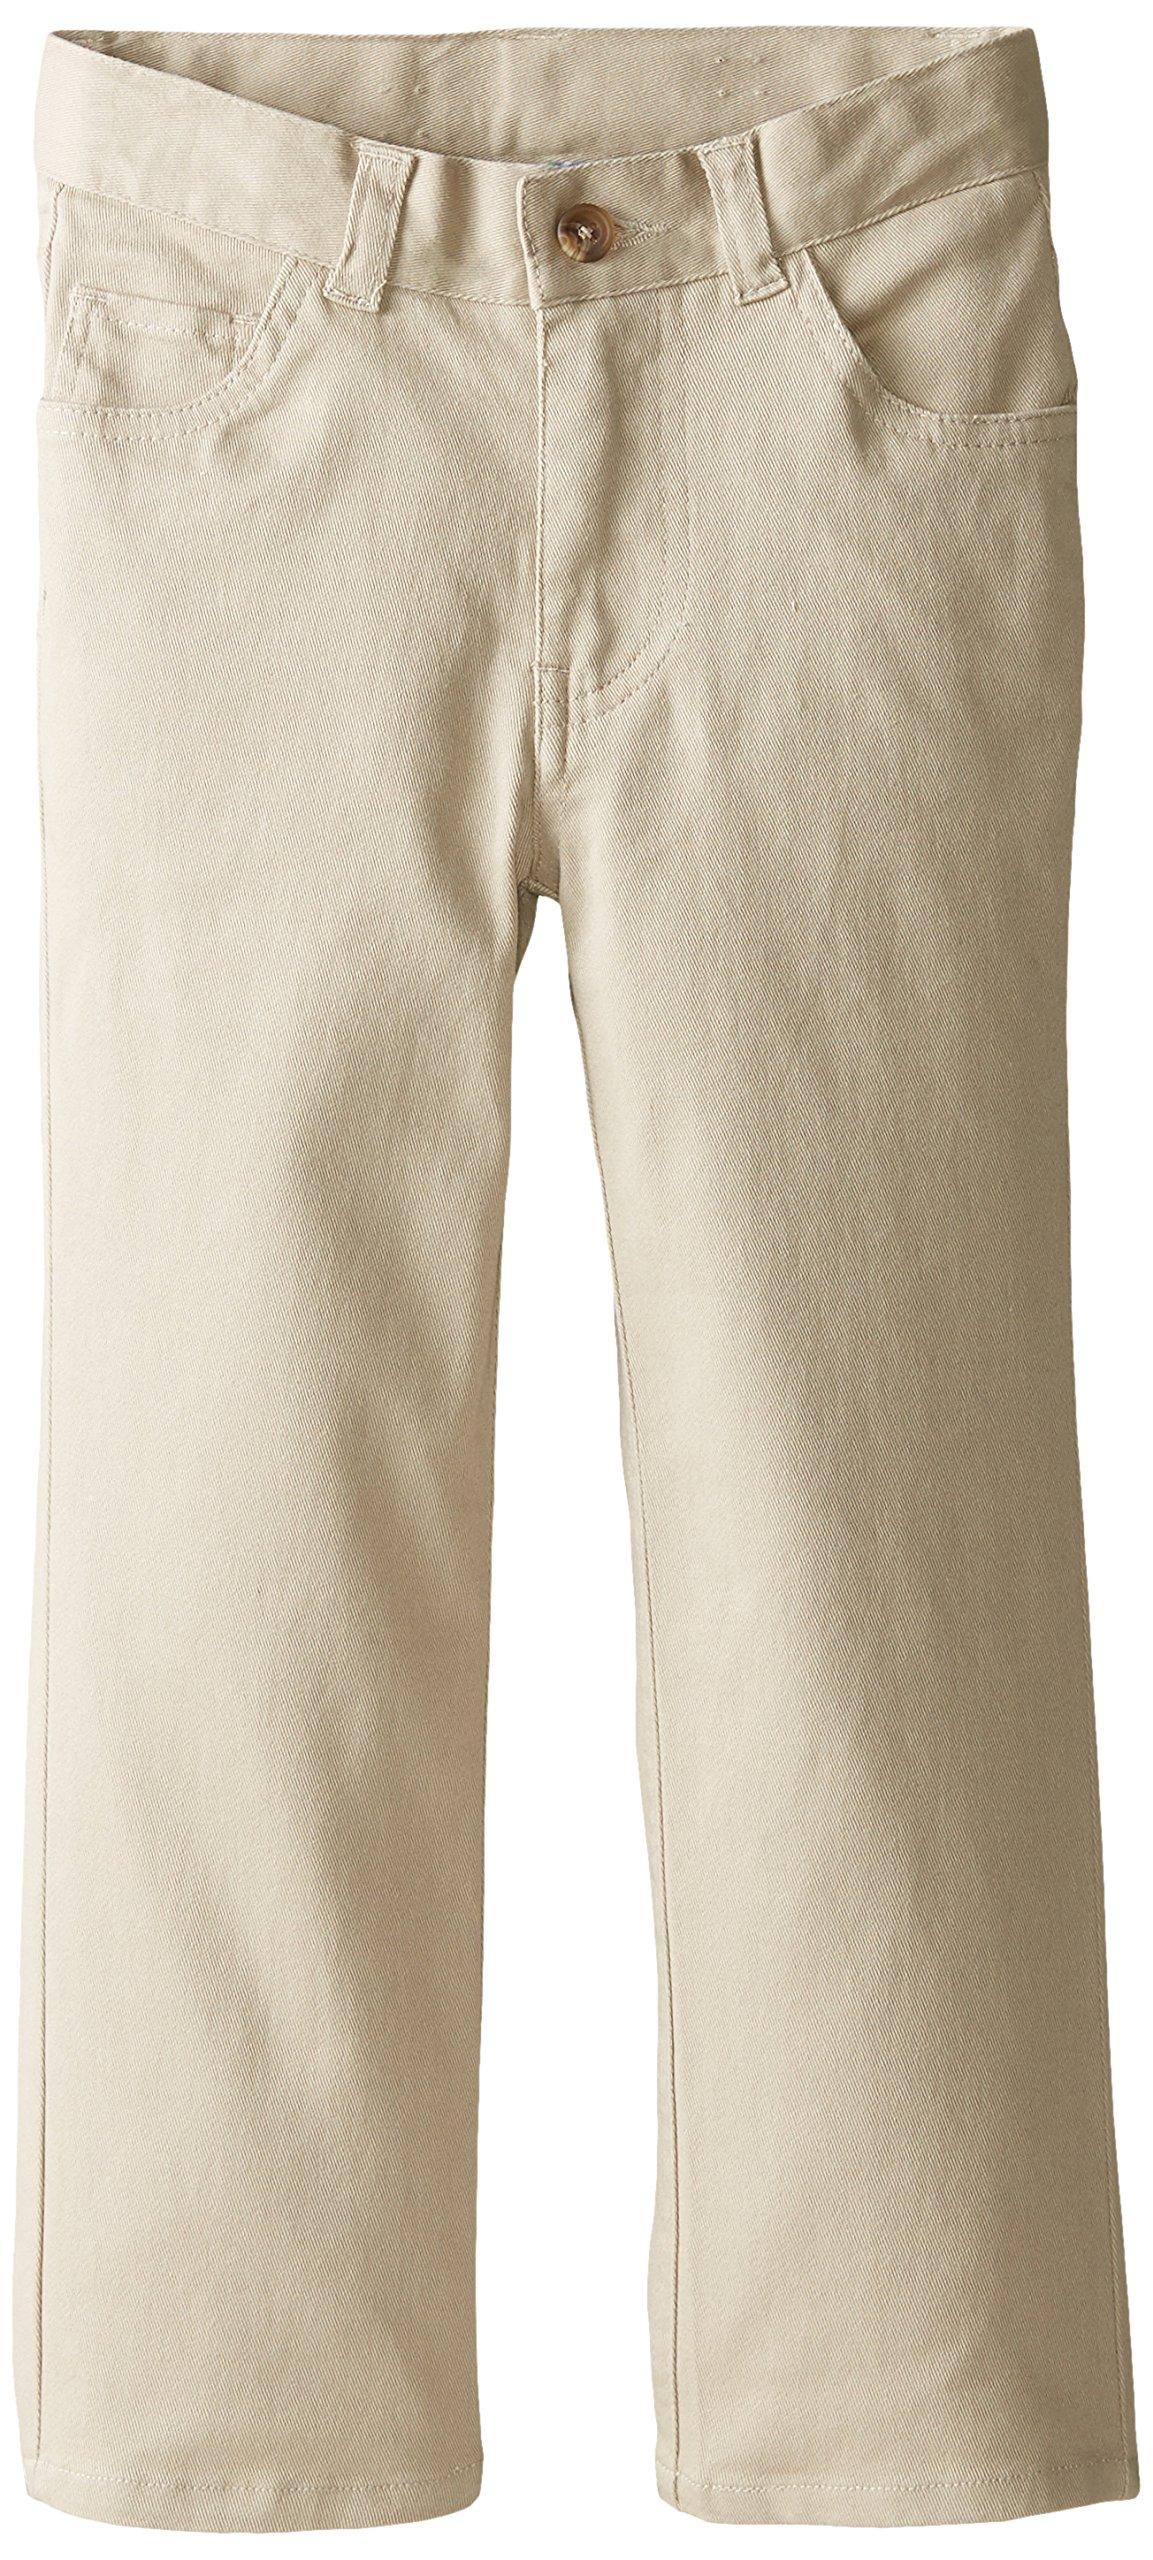 IZOD Little Boys' 5 Pocket Pant, Khaki, 05/Regular